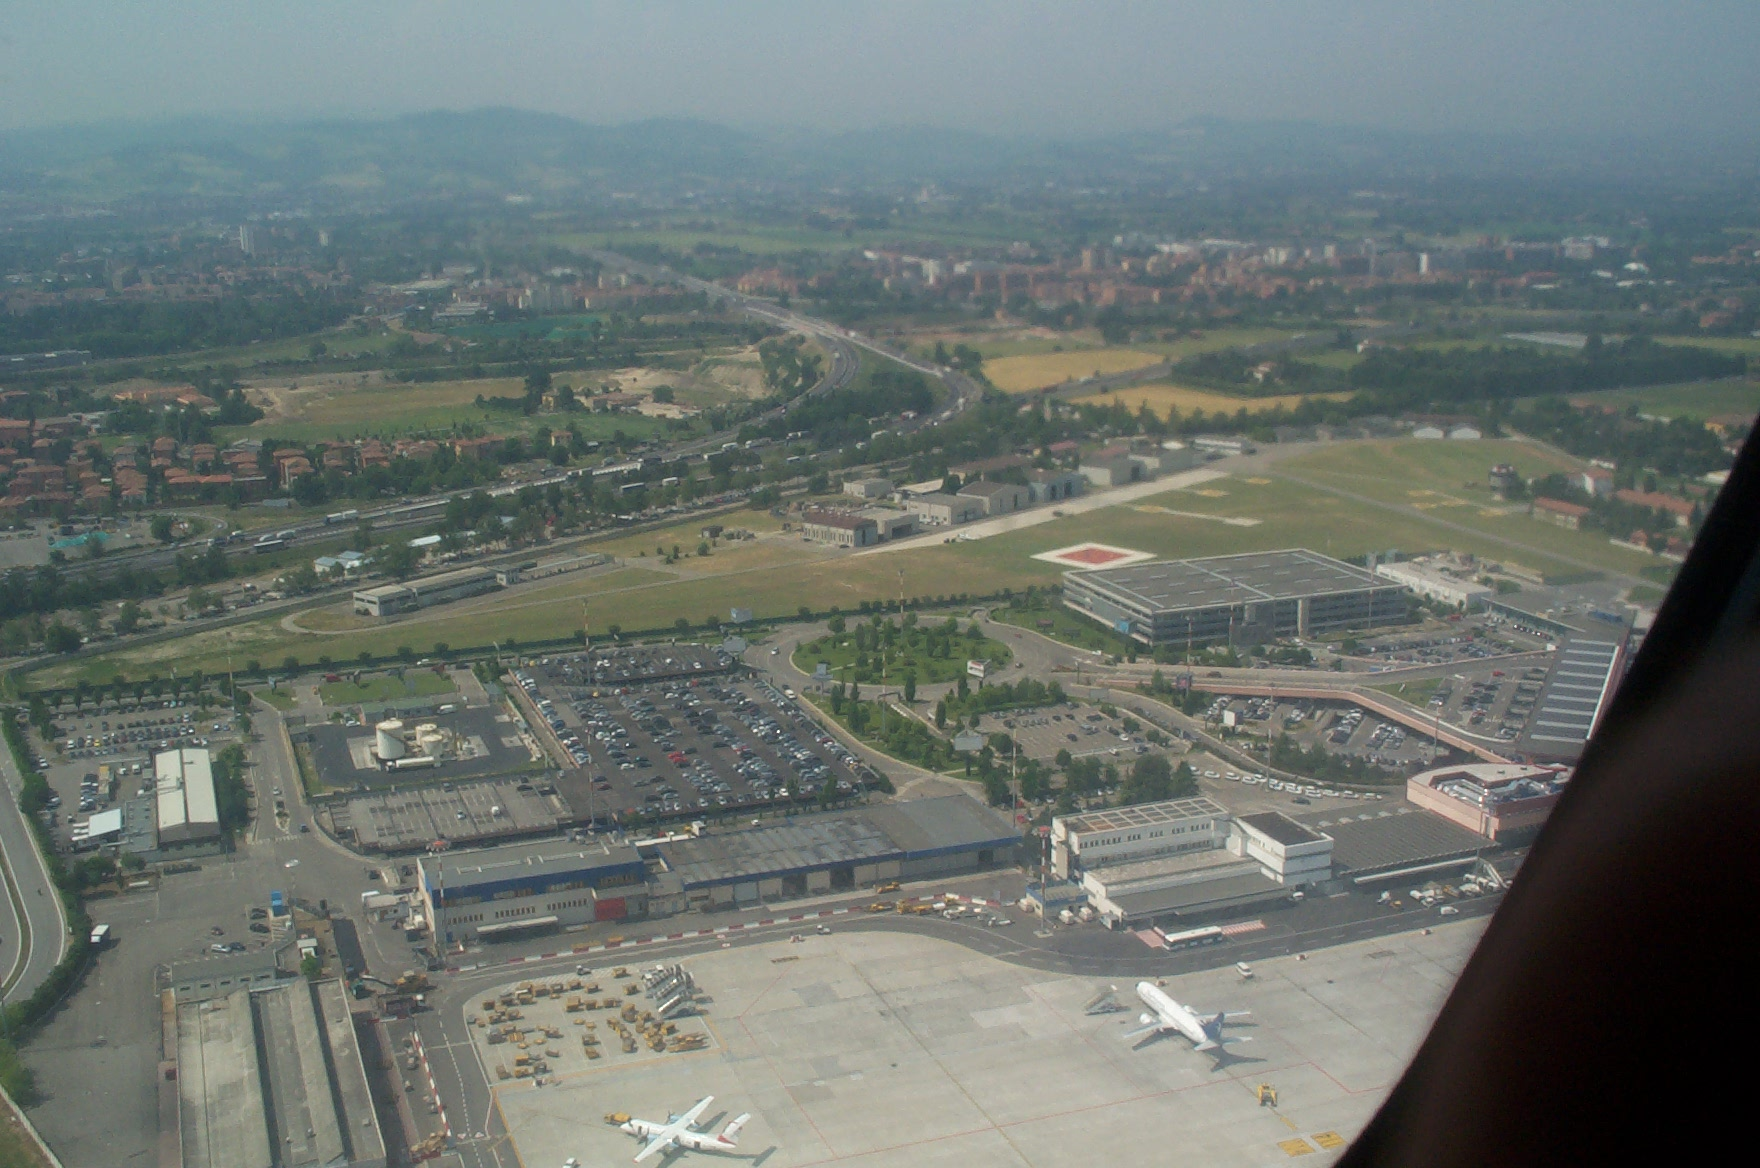 Aeroporto Guglielmo Marconi : Aeroporto guglielmo marconi di bologna wikiwand